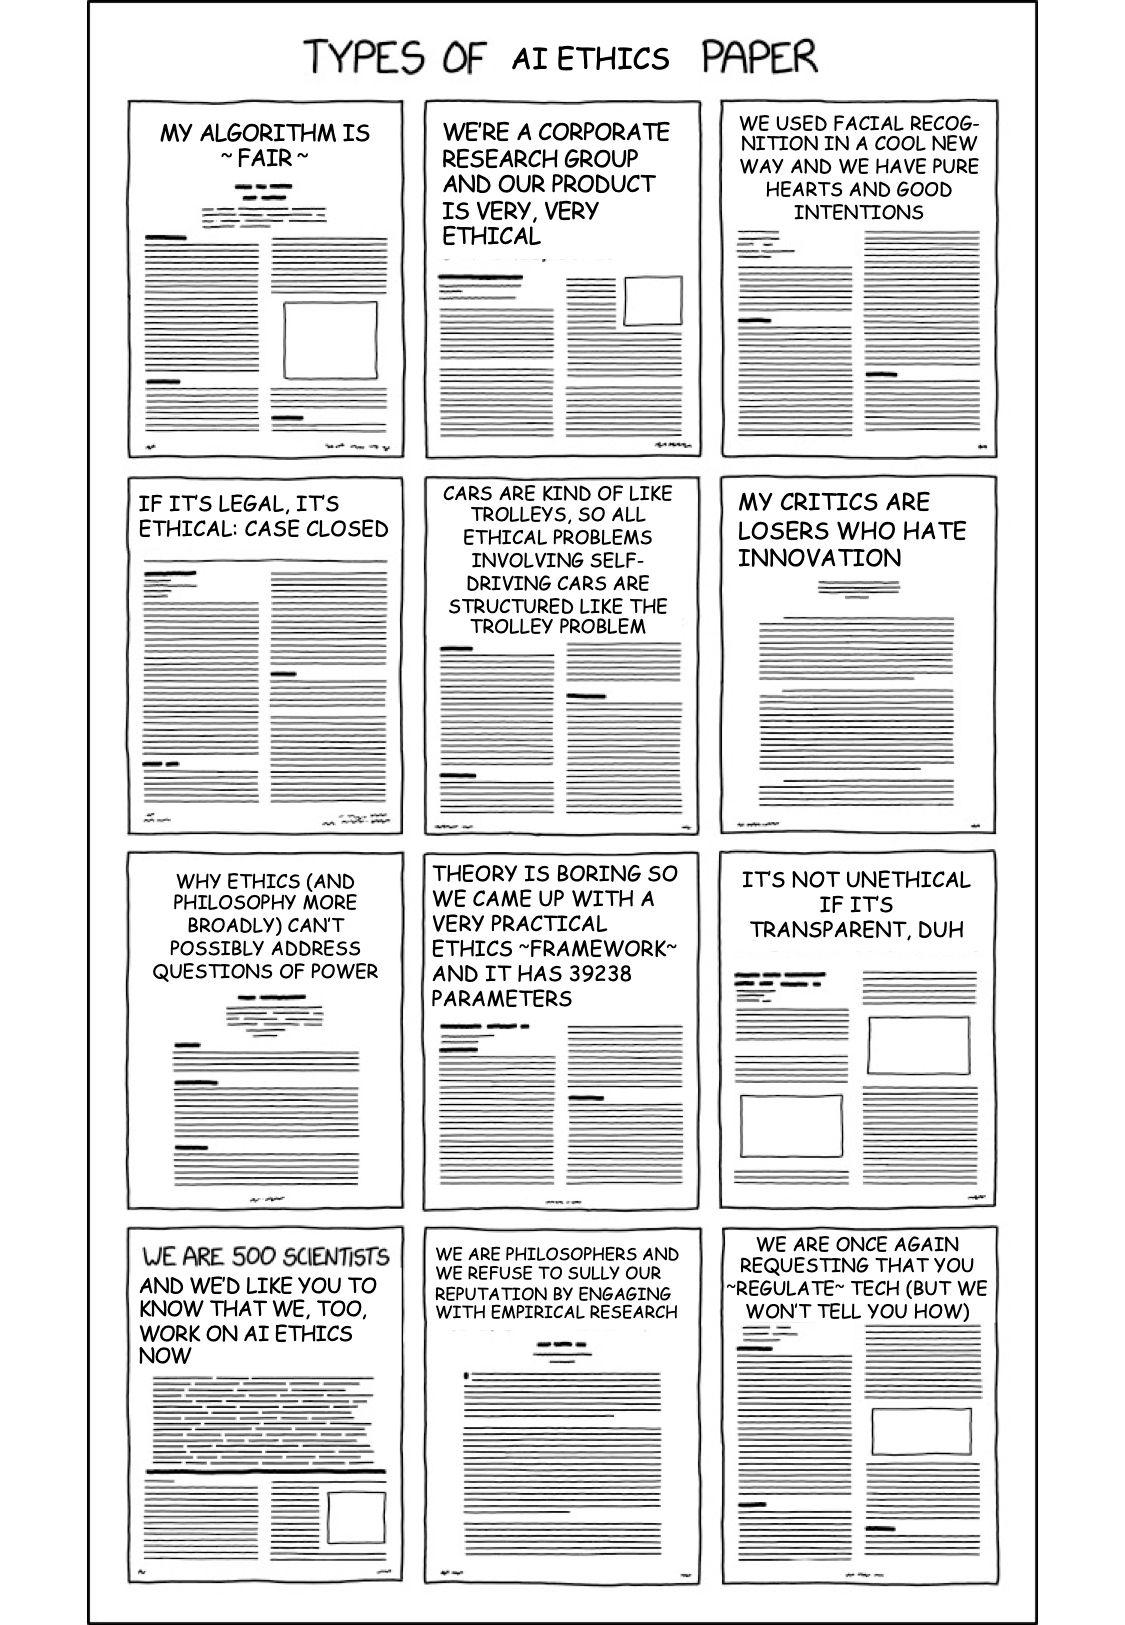 Types of Ethics Paper. Image described in post below.